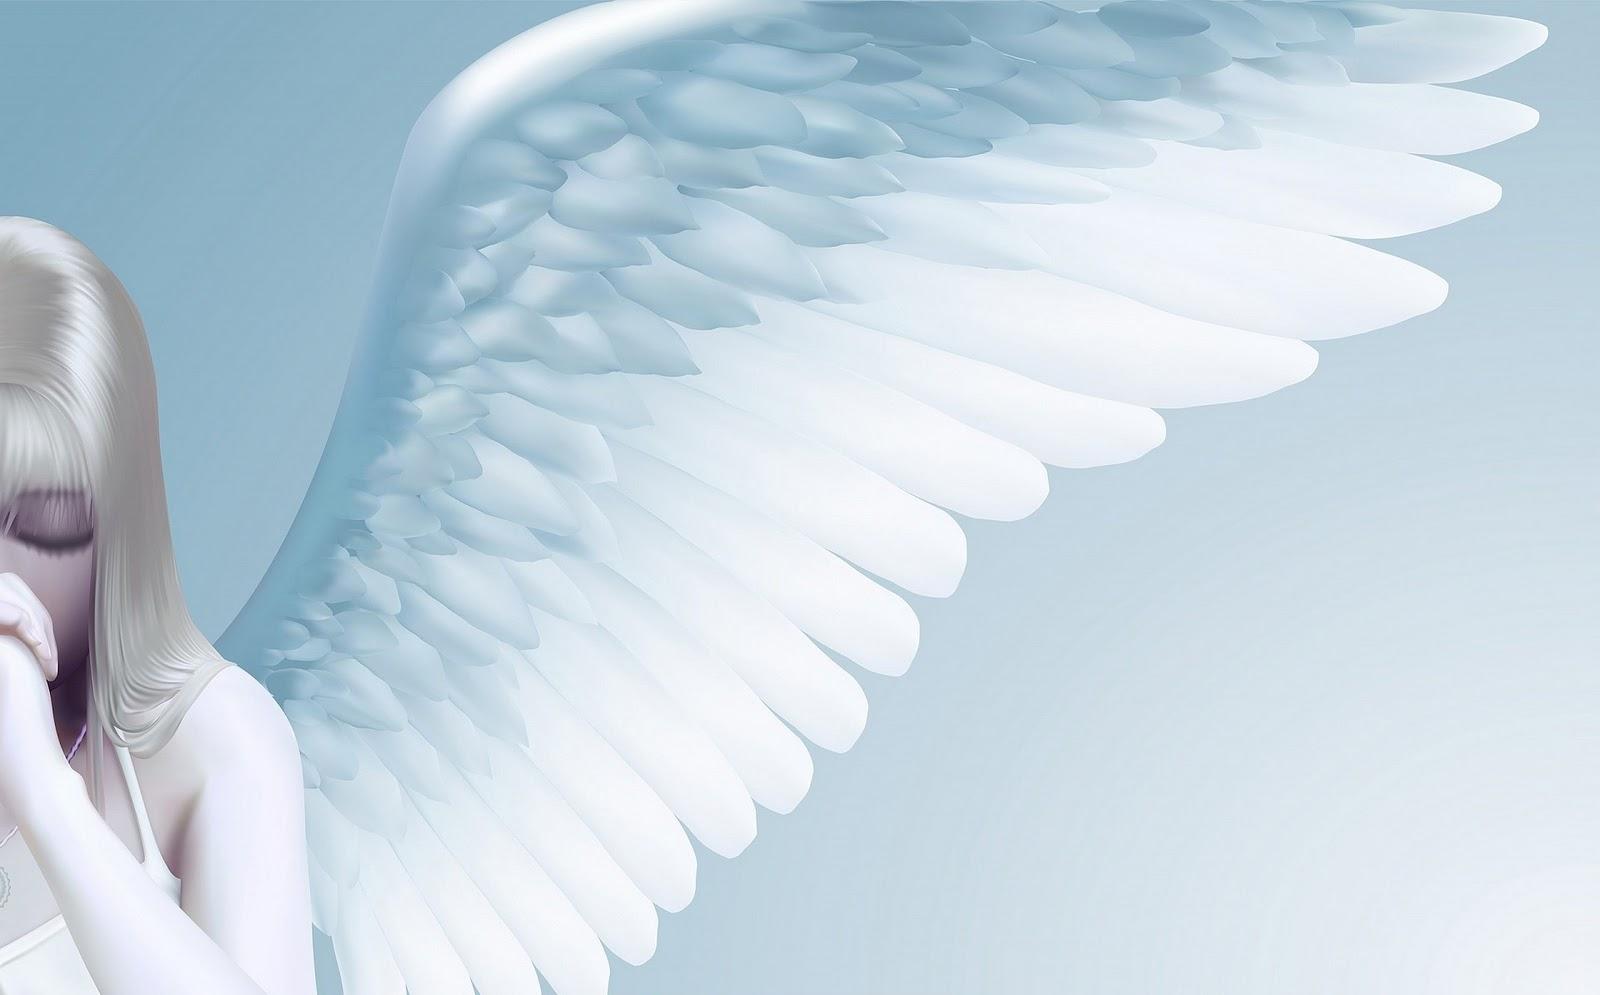 Best desktop pictures angel wallpapers hd angel wallpaper image 2jpg 1600x995